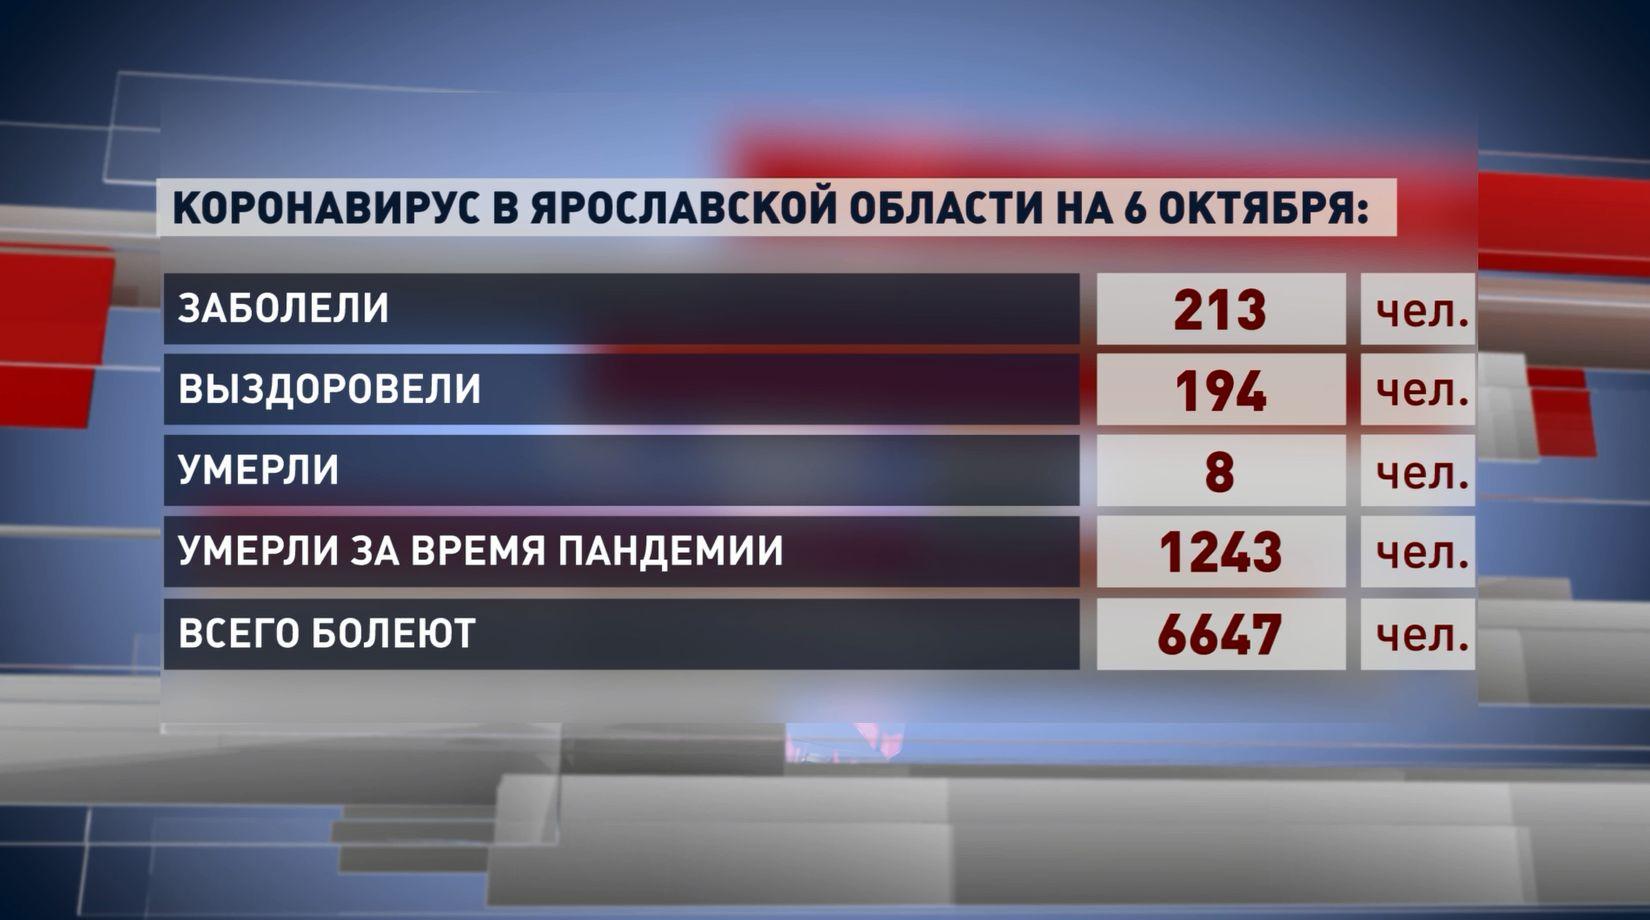 Статистика по заболеваемости ковидом в Ярославской области вновь не утешительная